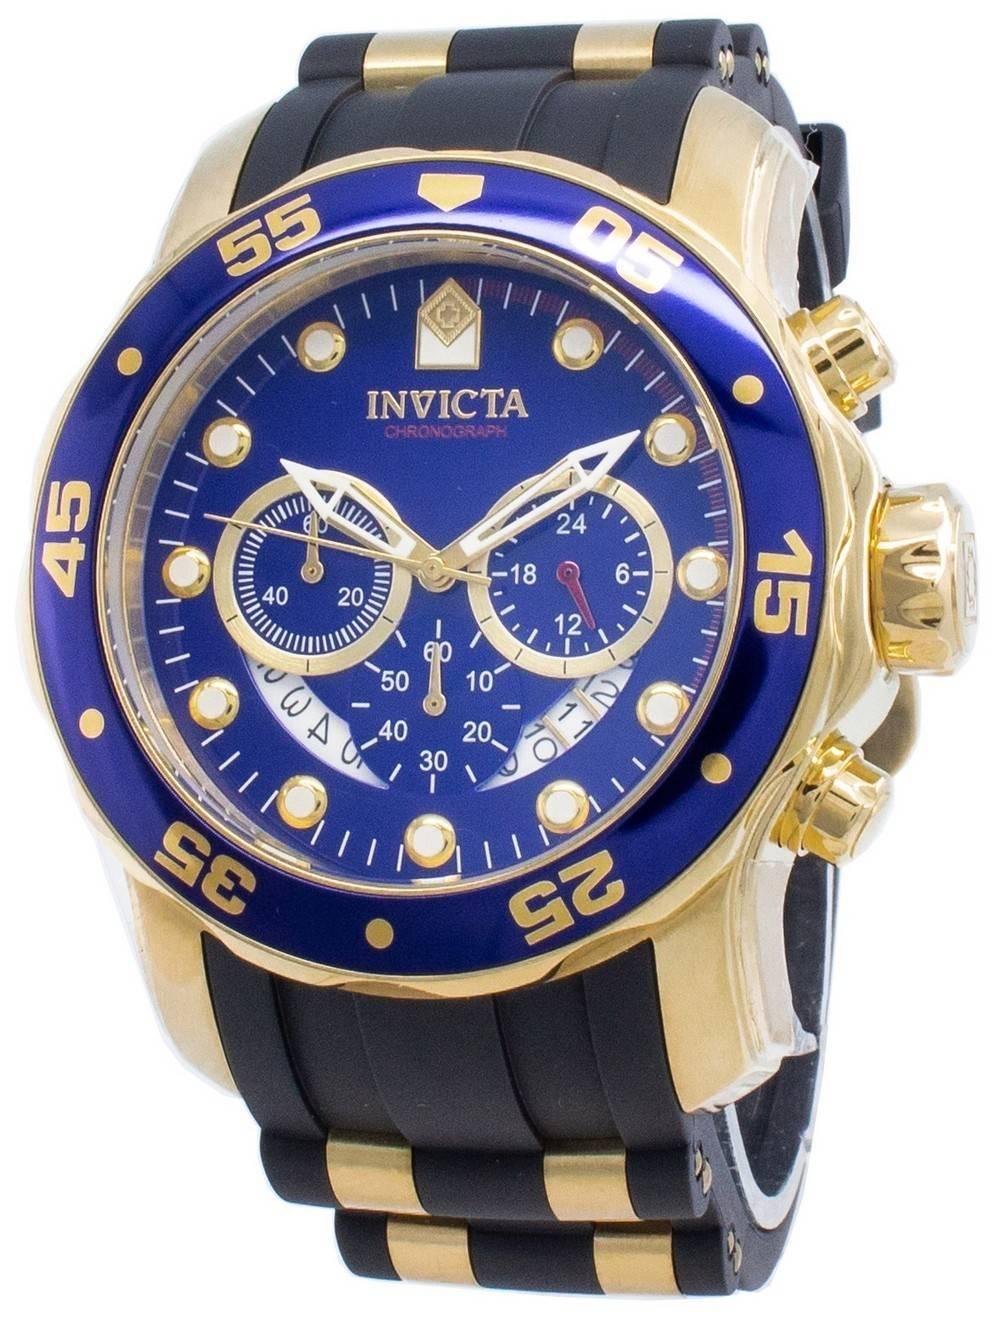 cbe2903ce69 Relógio Invicta Pro Diver quartzo cronógrafo 6983 masculino pt